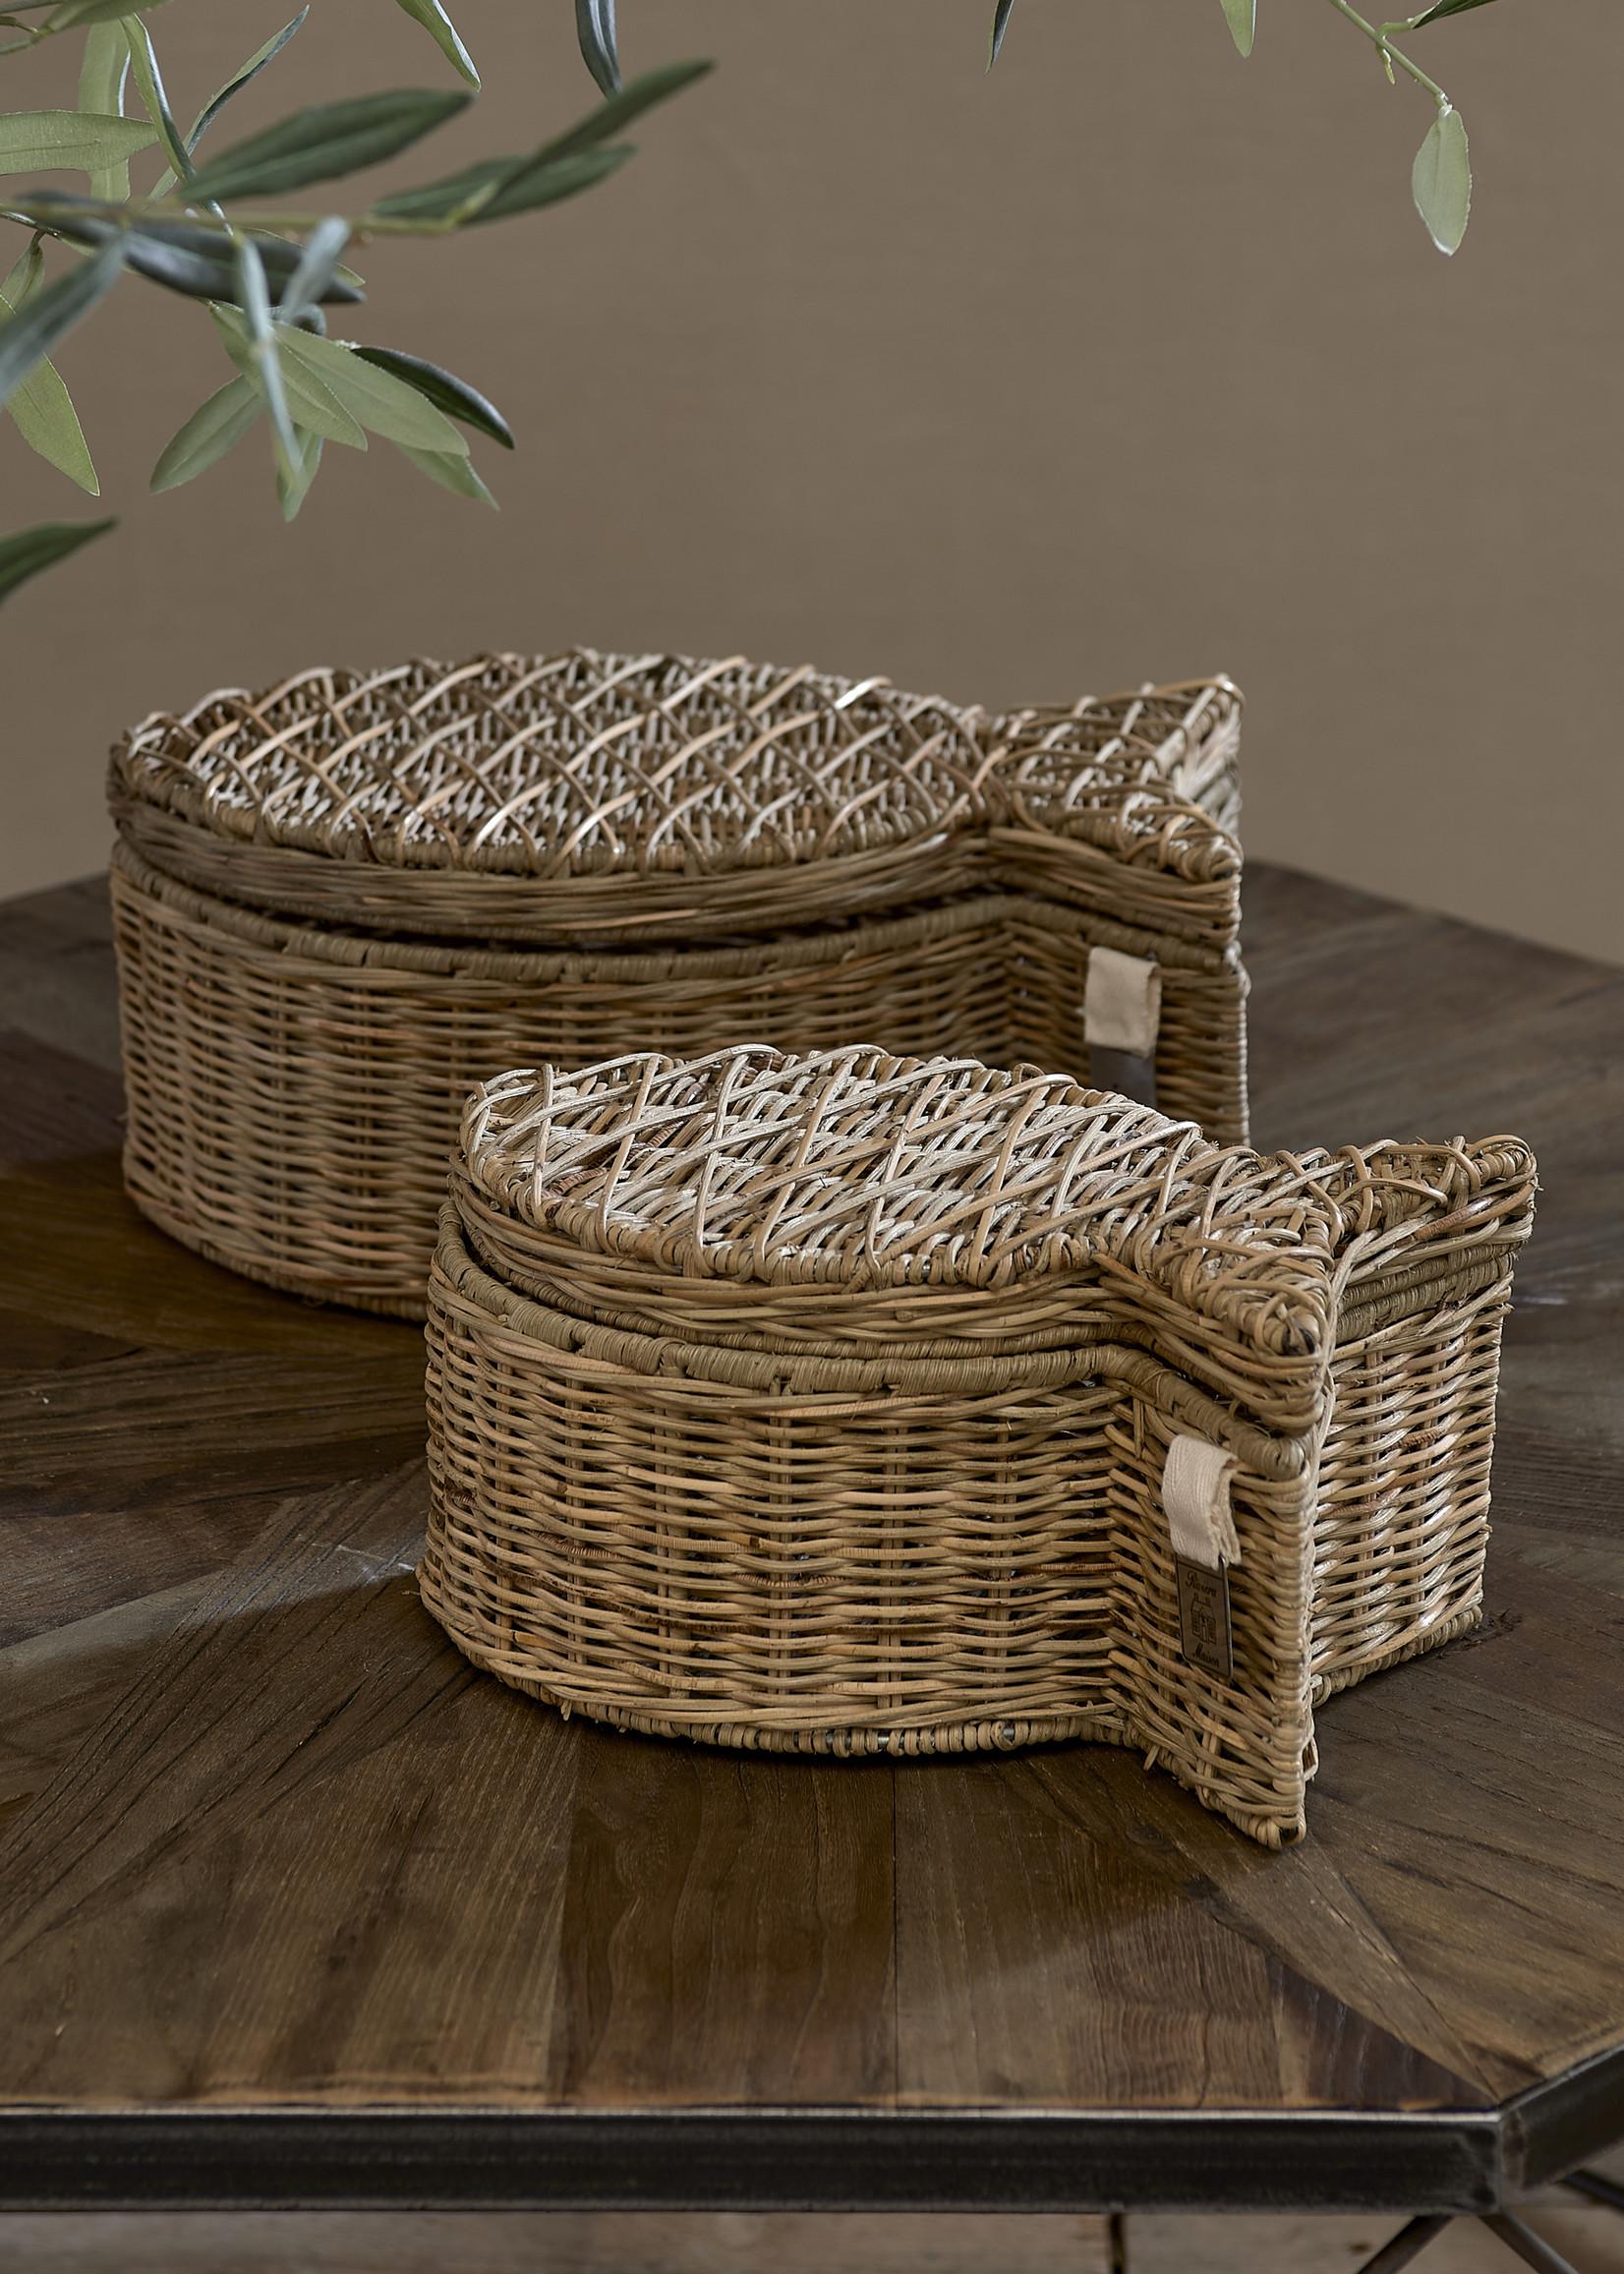 Riviera Maison RR Tropical Fish Basket M